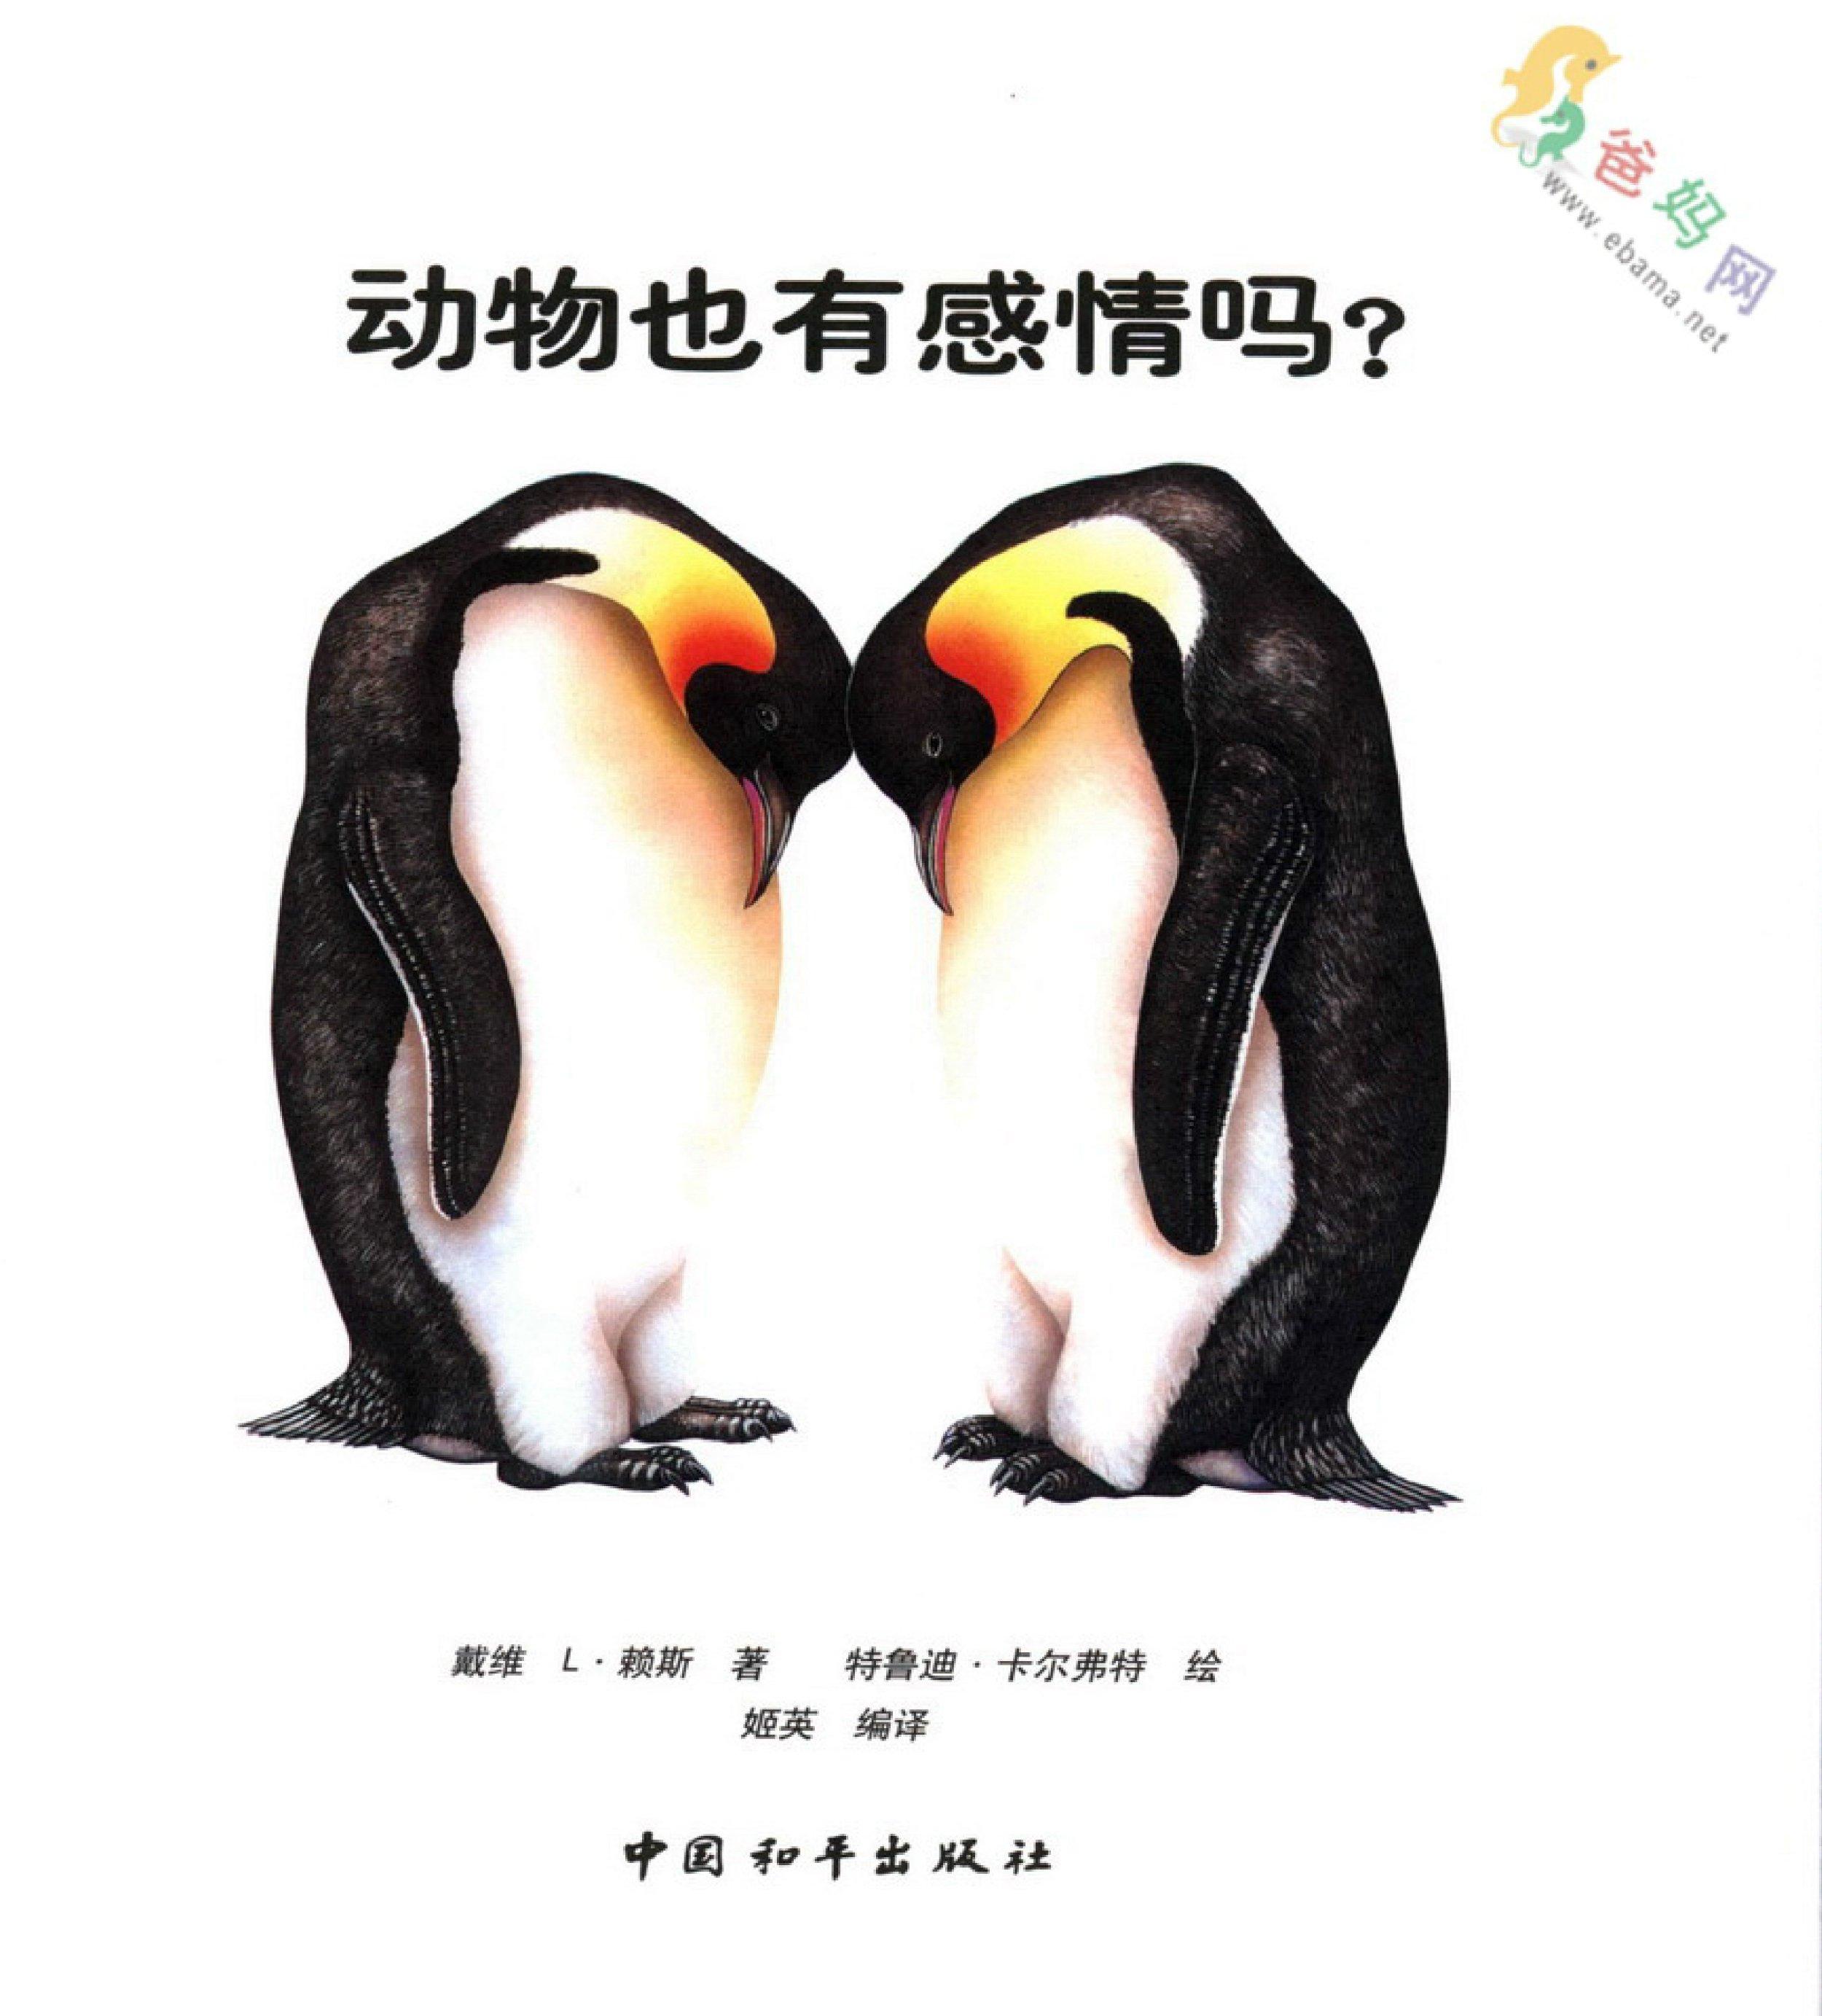 百科类——生命真奇妙—动物也有感情吗